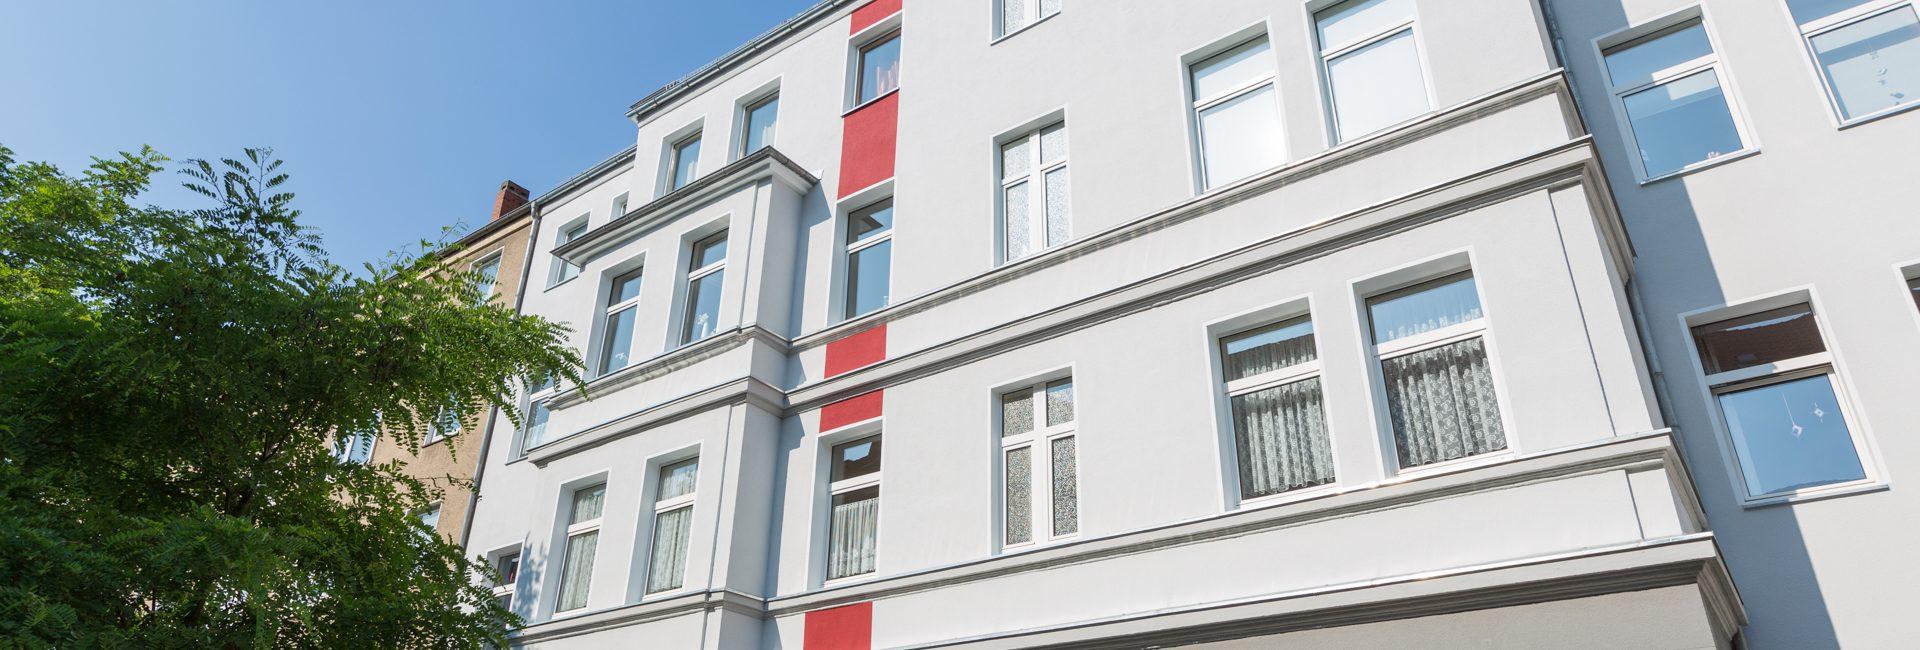 Fassade sanieren streichen Stilfassade Hannover Keim Farben in Ronnenberg